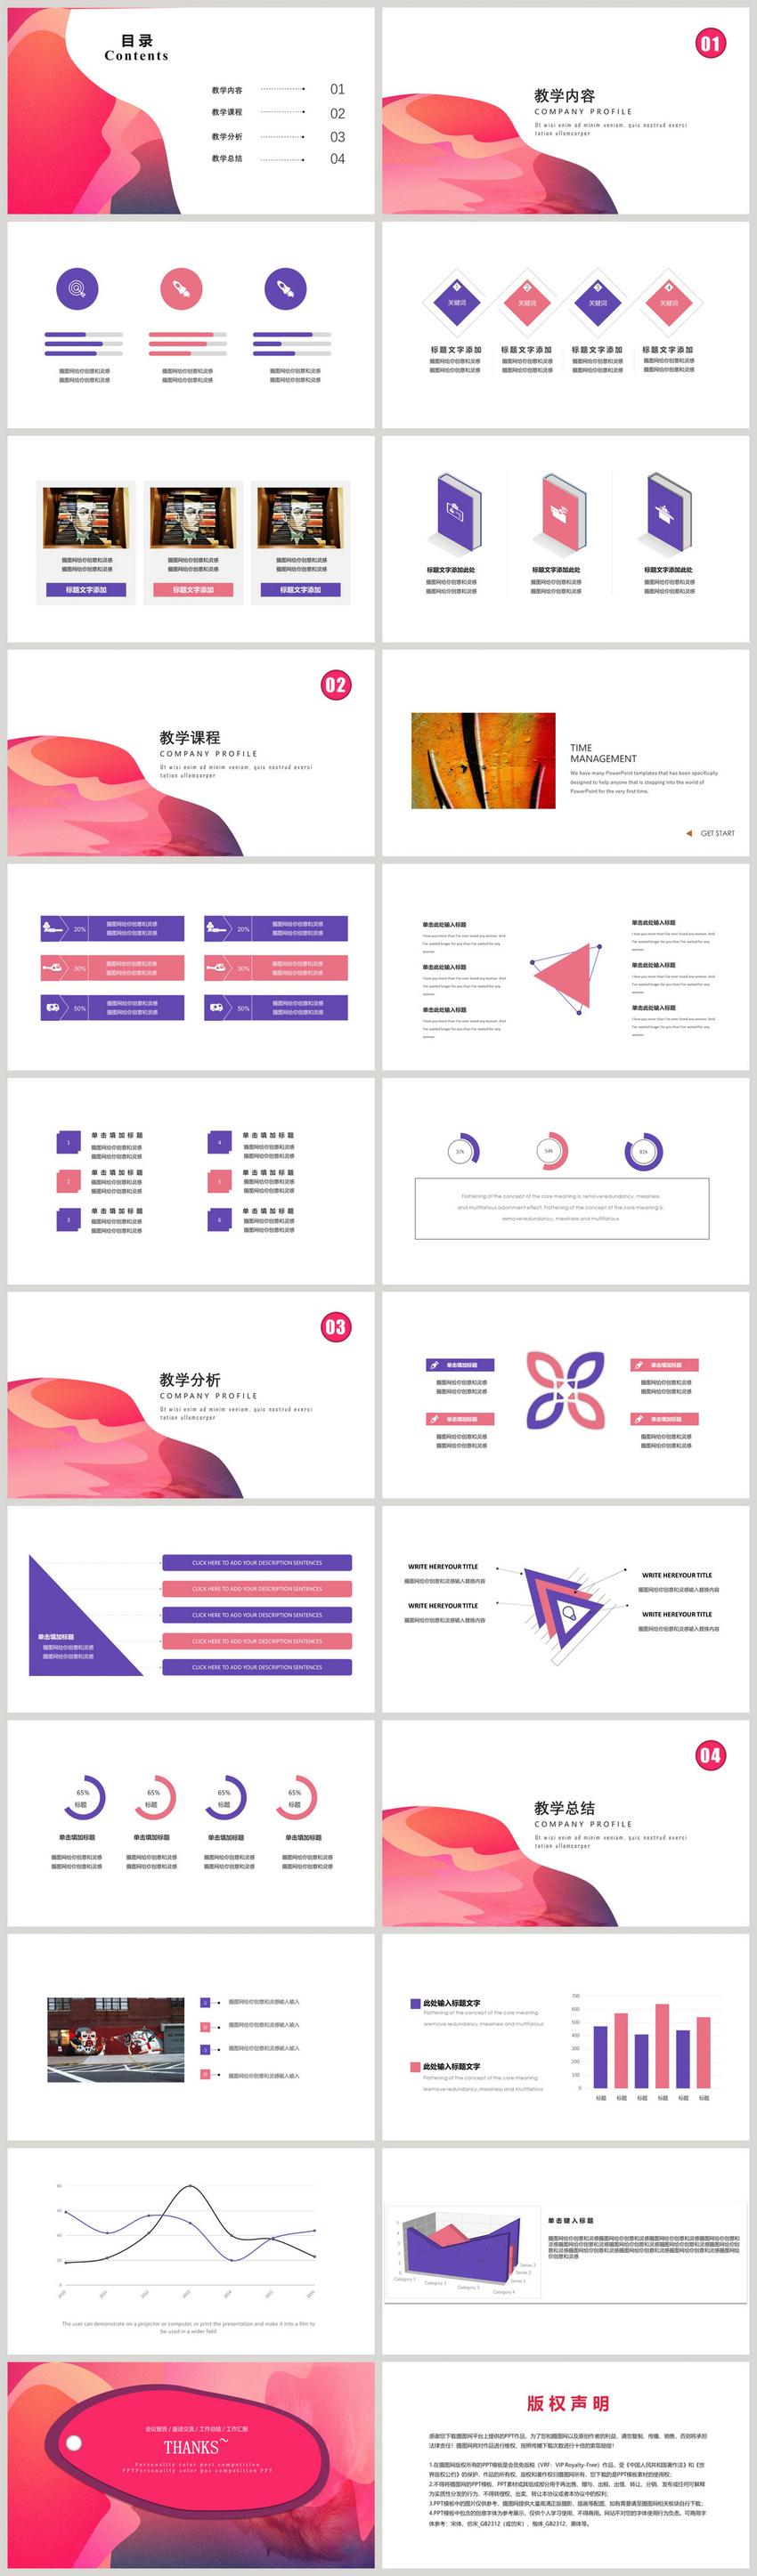 粉色创意教育培训PPT模板图片